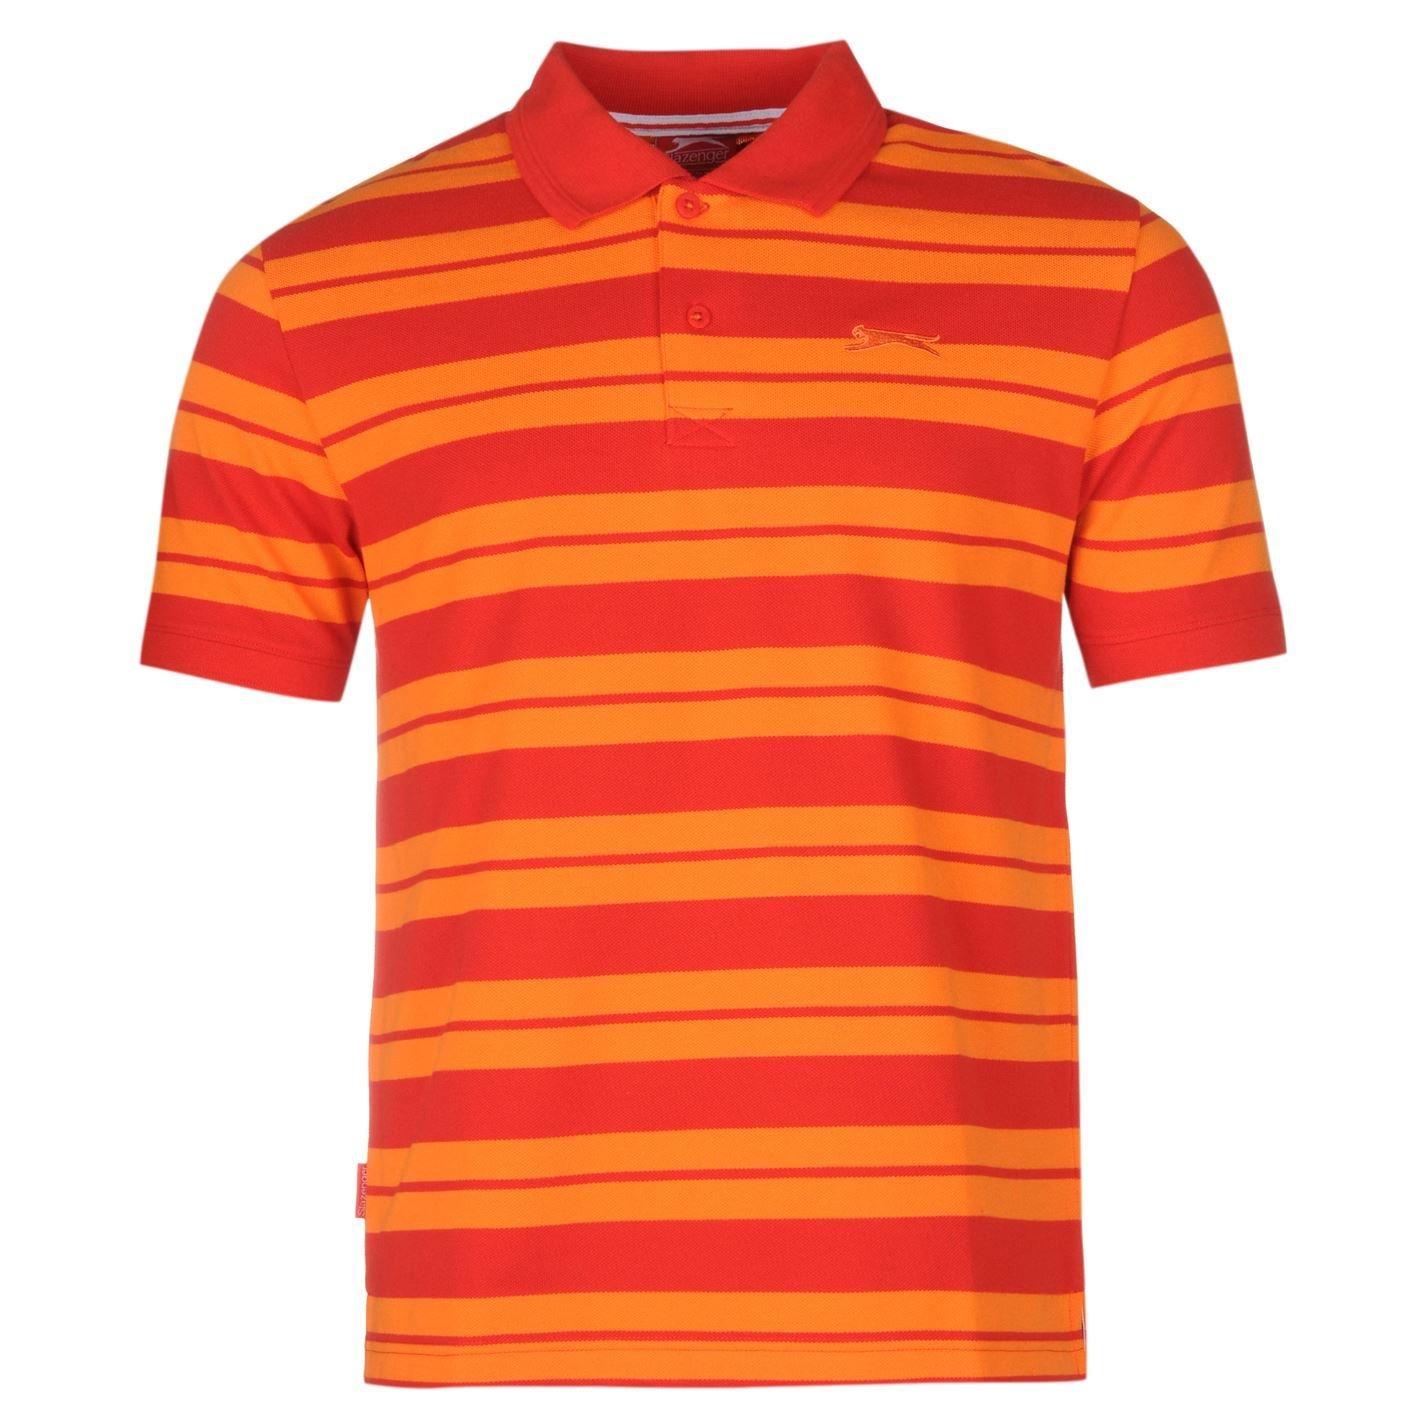 Slazenger Pique Yarn Dye Polo camiseta para hombre rojo Top ...